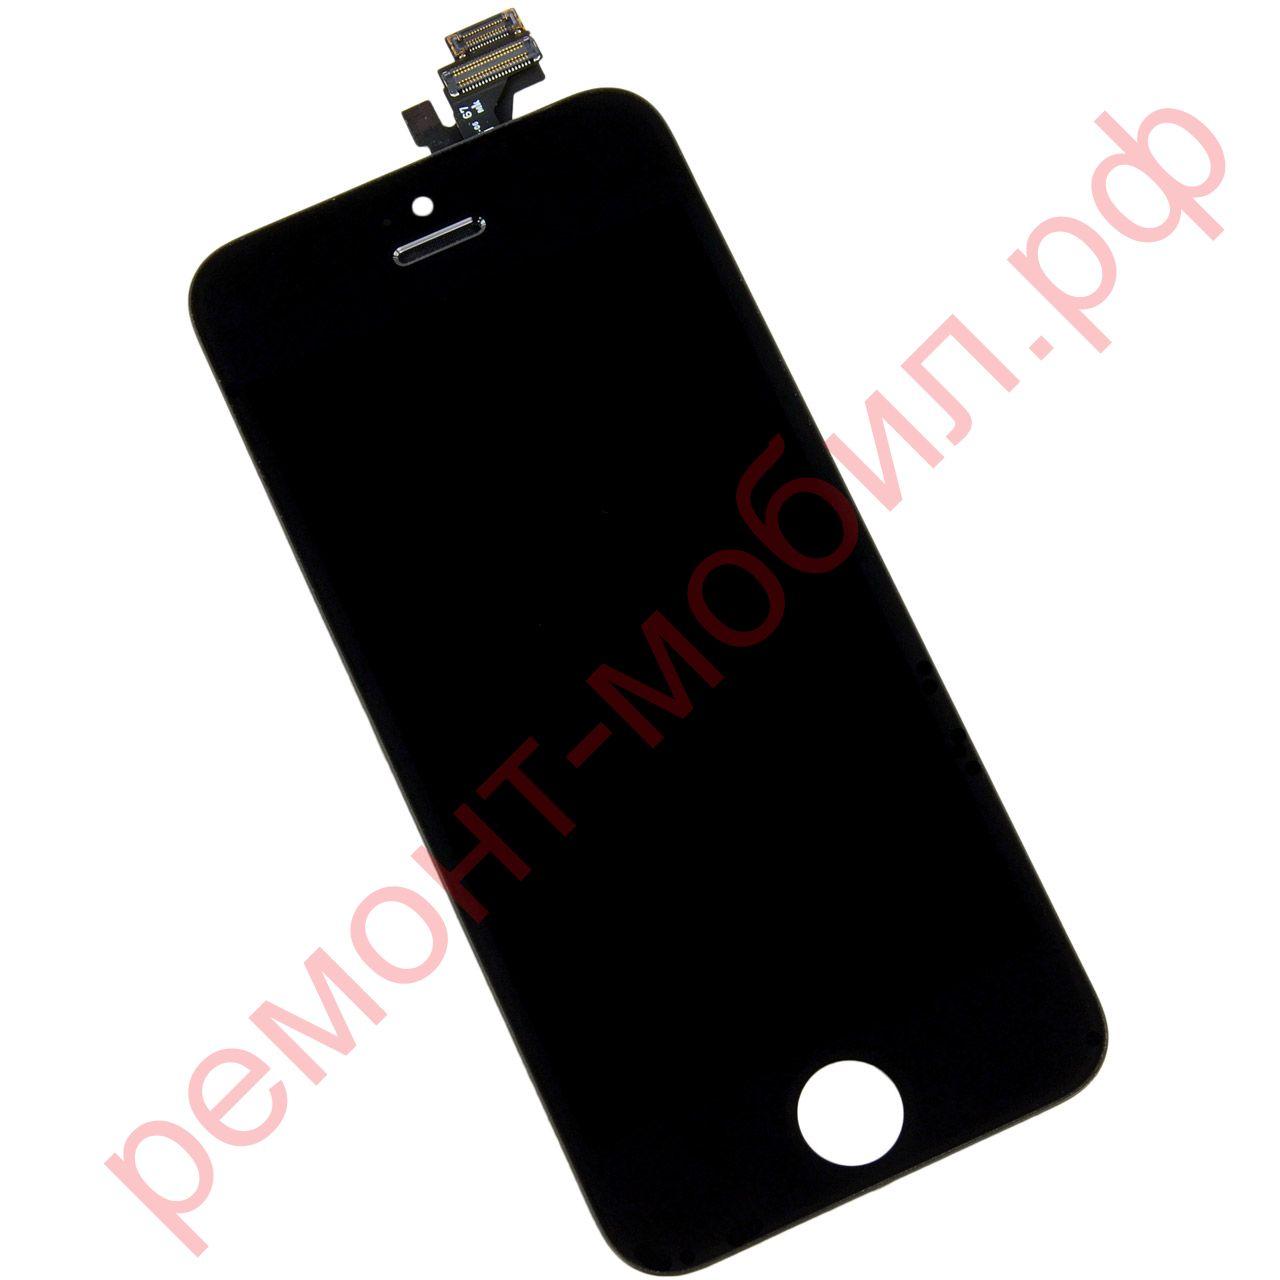 Дисплей для iPhone 5 ( A1428 / A1429 / A1442 ) в сборе с тачскрином